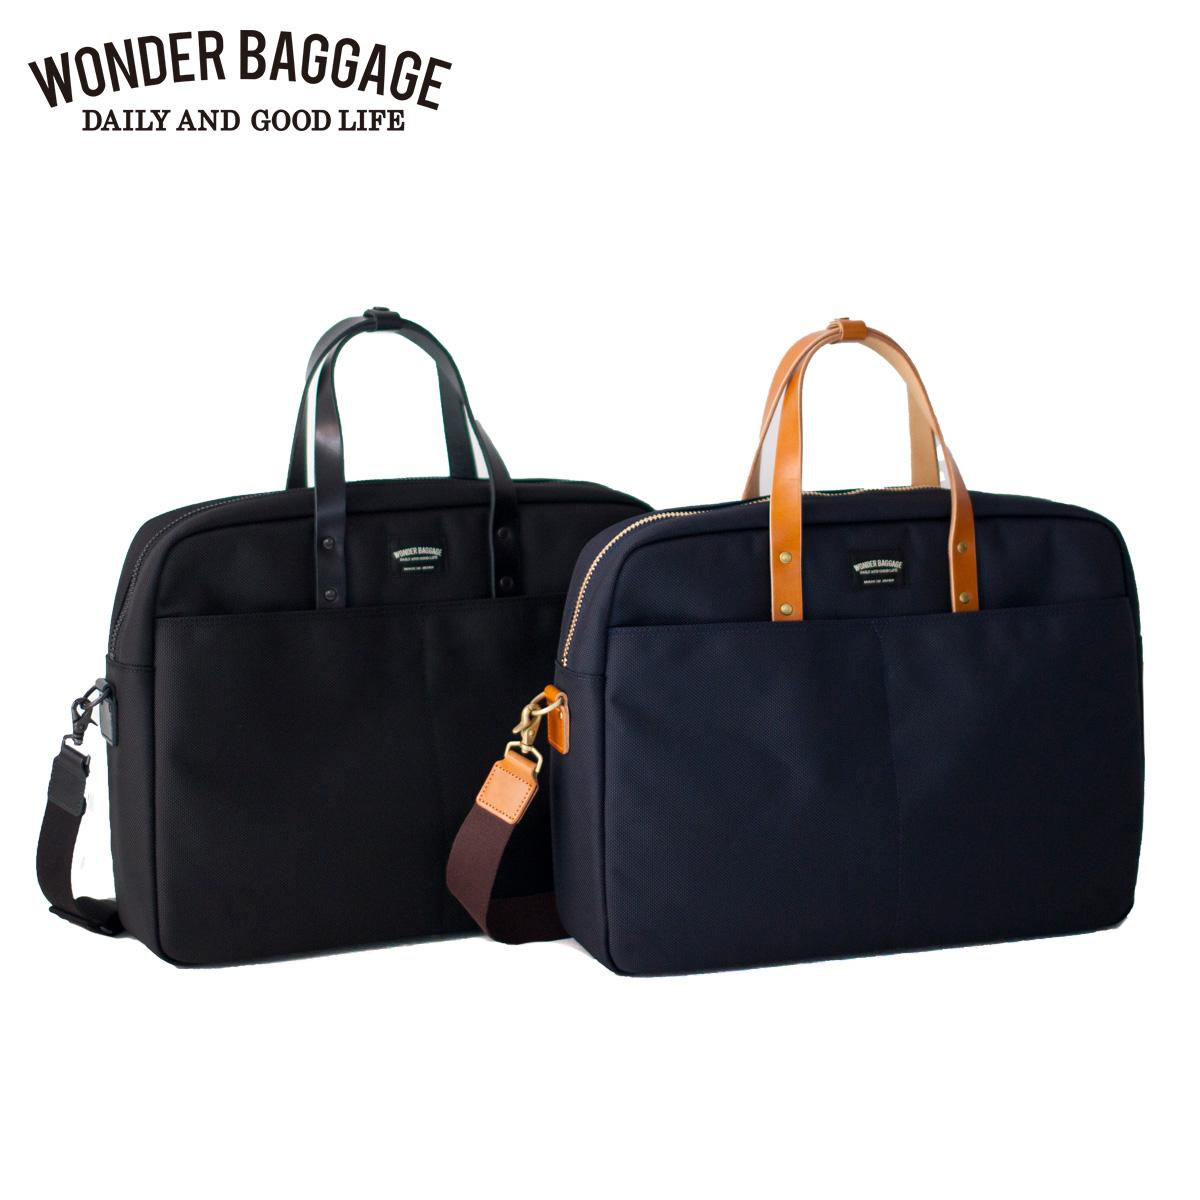 WONDER BAGGAGE ワンダーバゲージ バッグ ビジネスバッグ ブリーフケース ショルダー グッドマンズ メンズ GOODMANS BUSINESS BRIEF CASE ブラック ネイビー 黒 WB-G-007